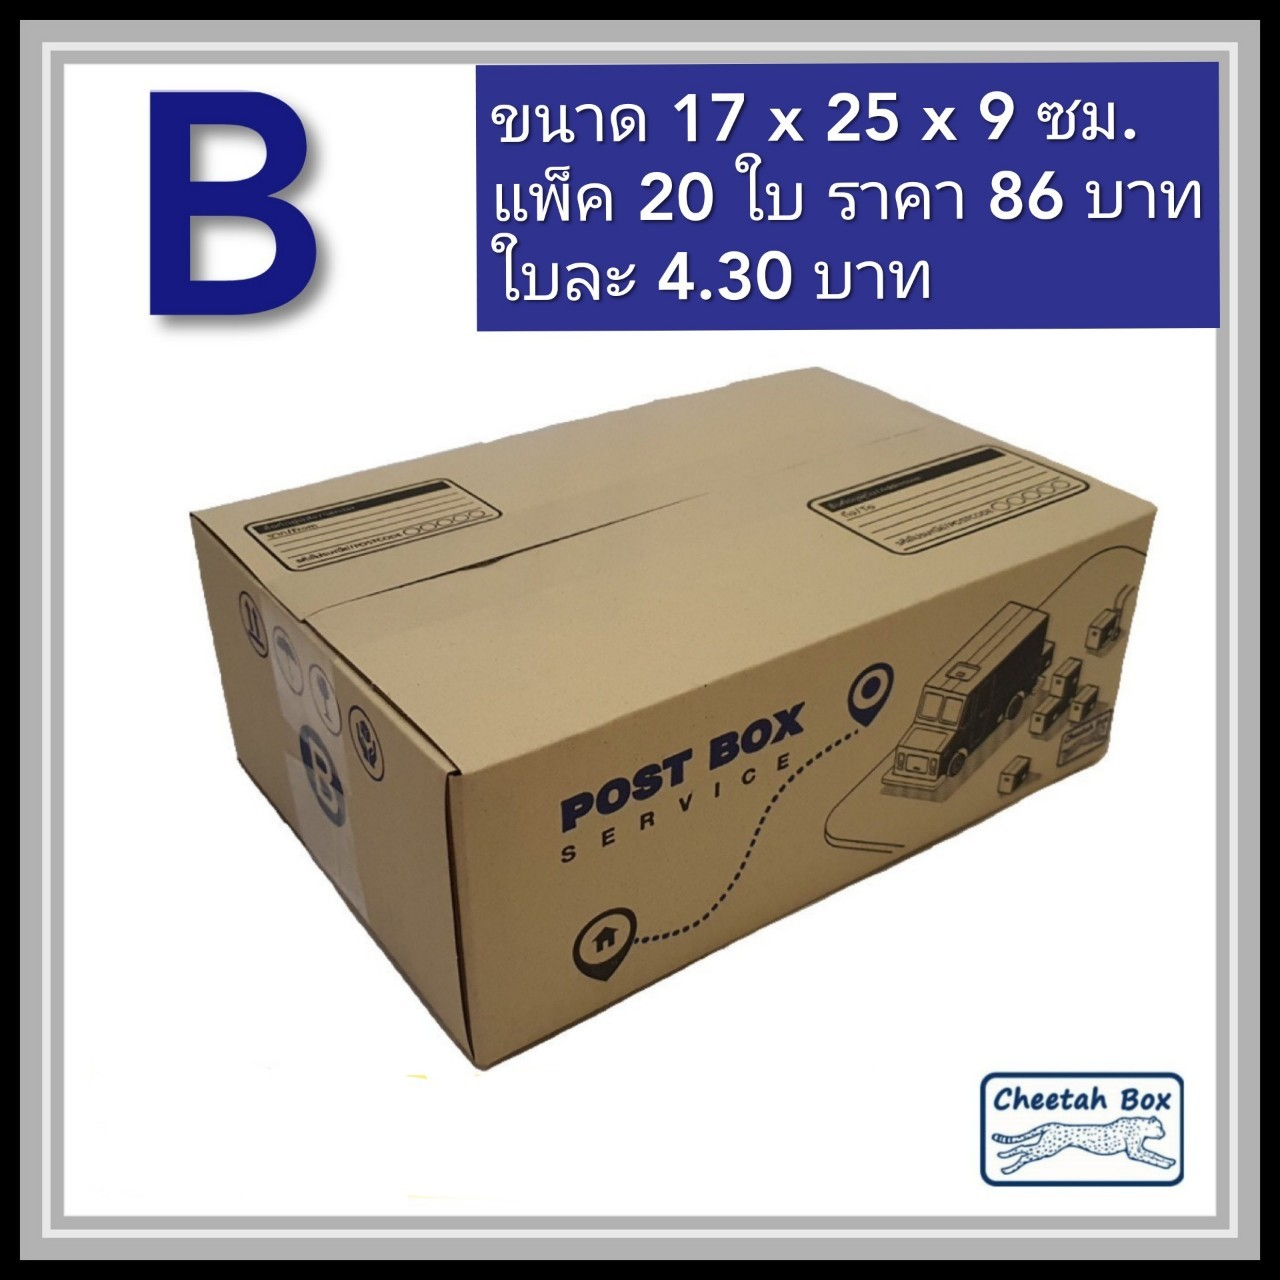 กล่องไปรษณีย์ B (Cheetah Box ขนาด 17*25*9 CM)